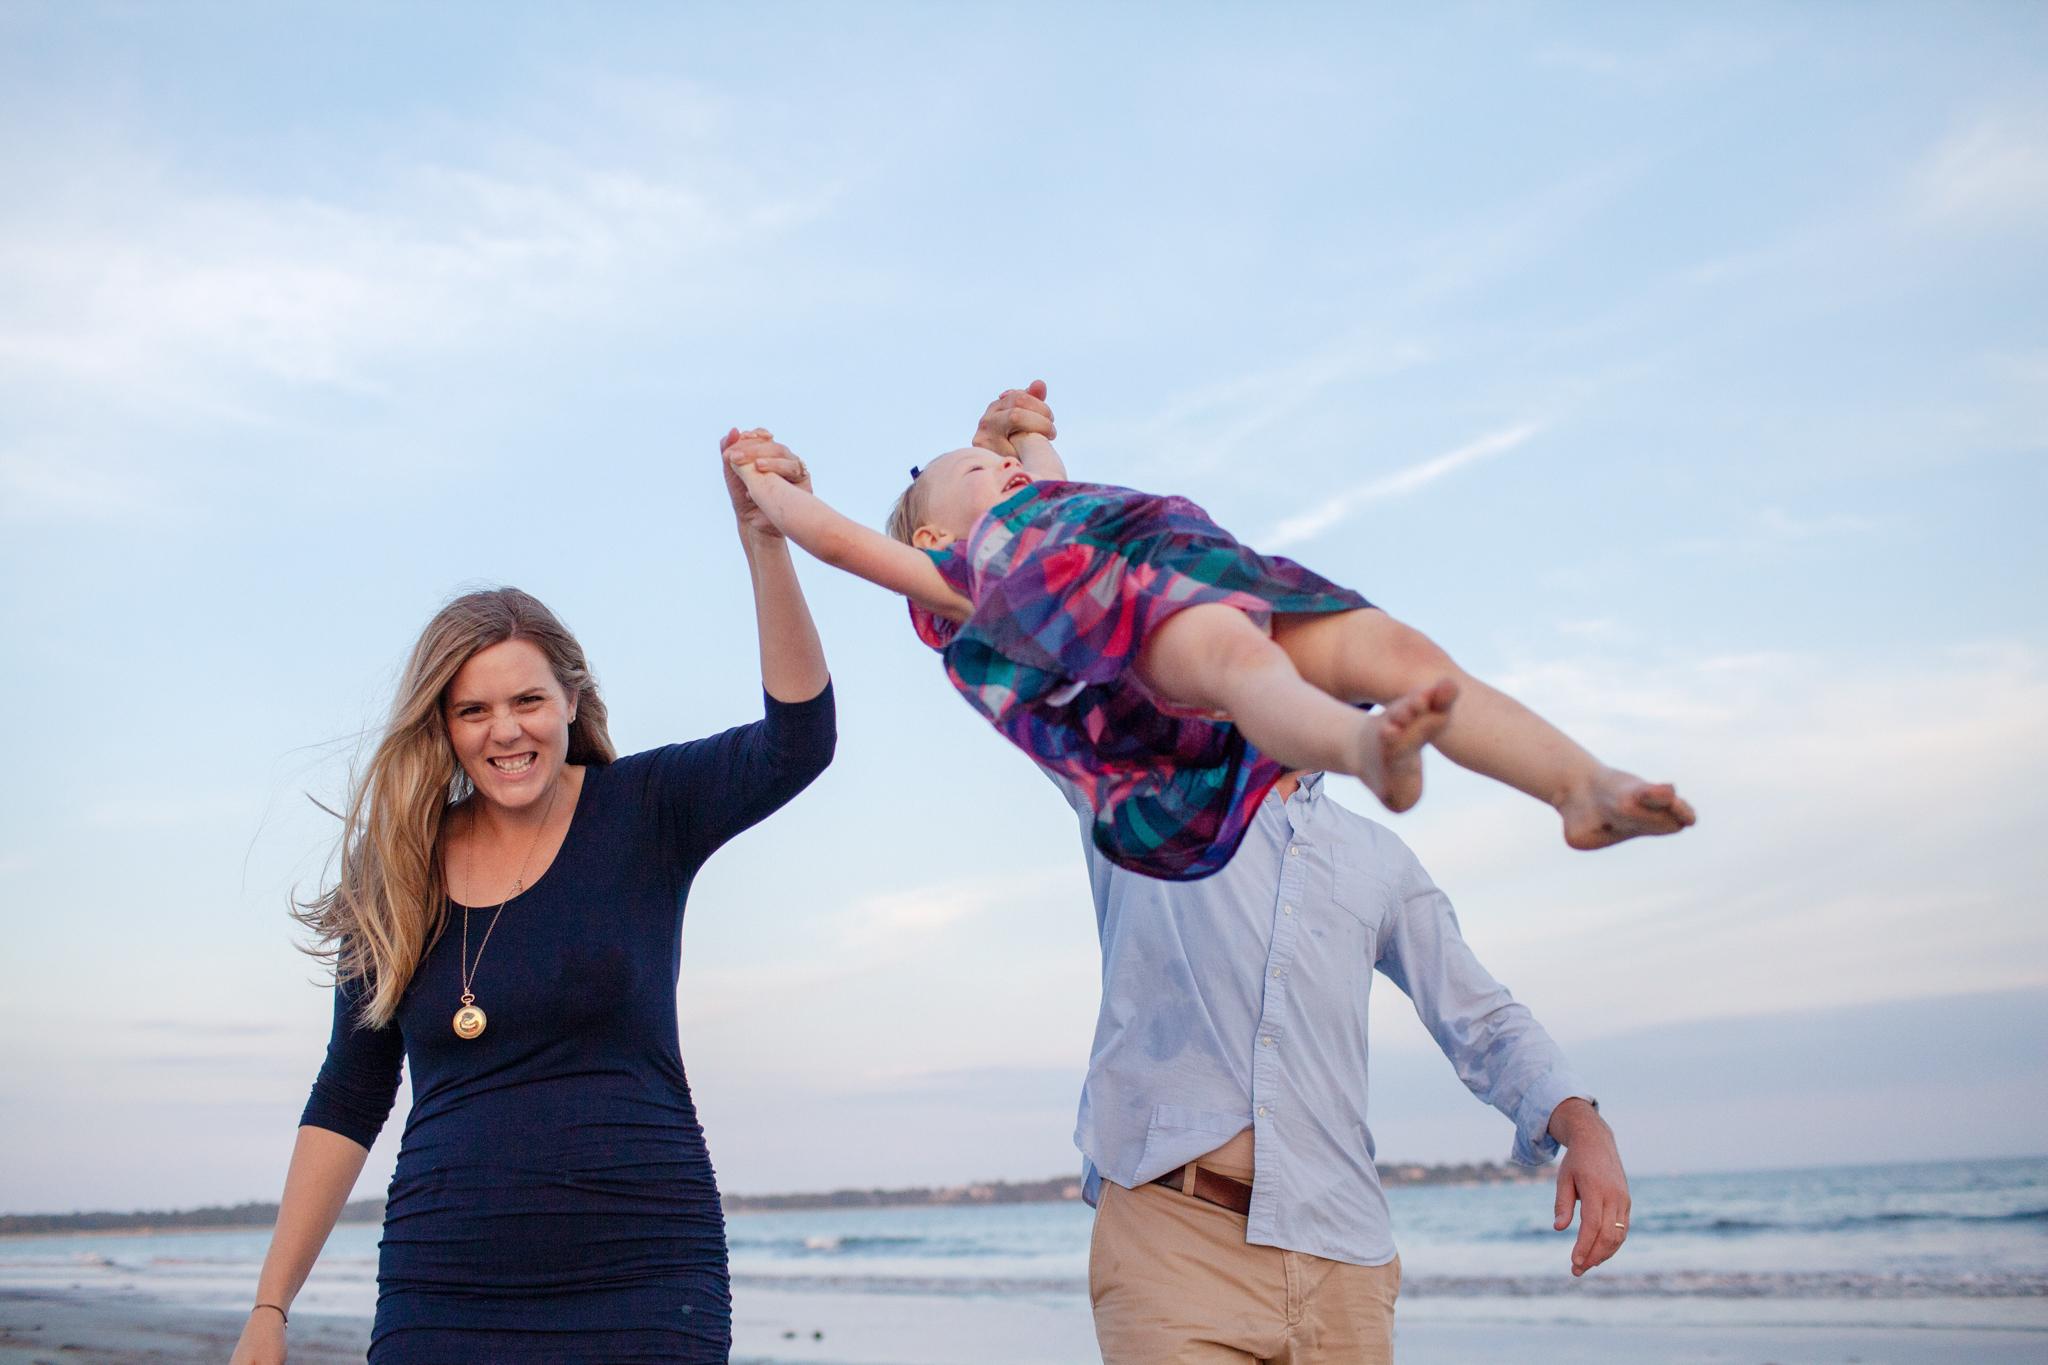 maine-family-photography-pine-point- beach-115.jpg